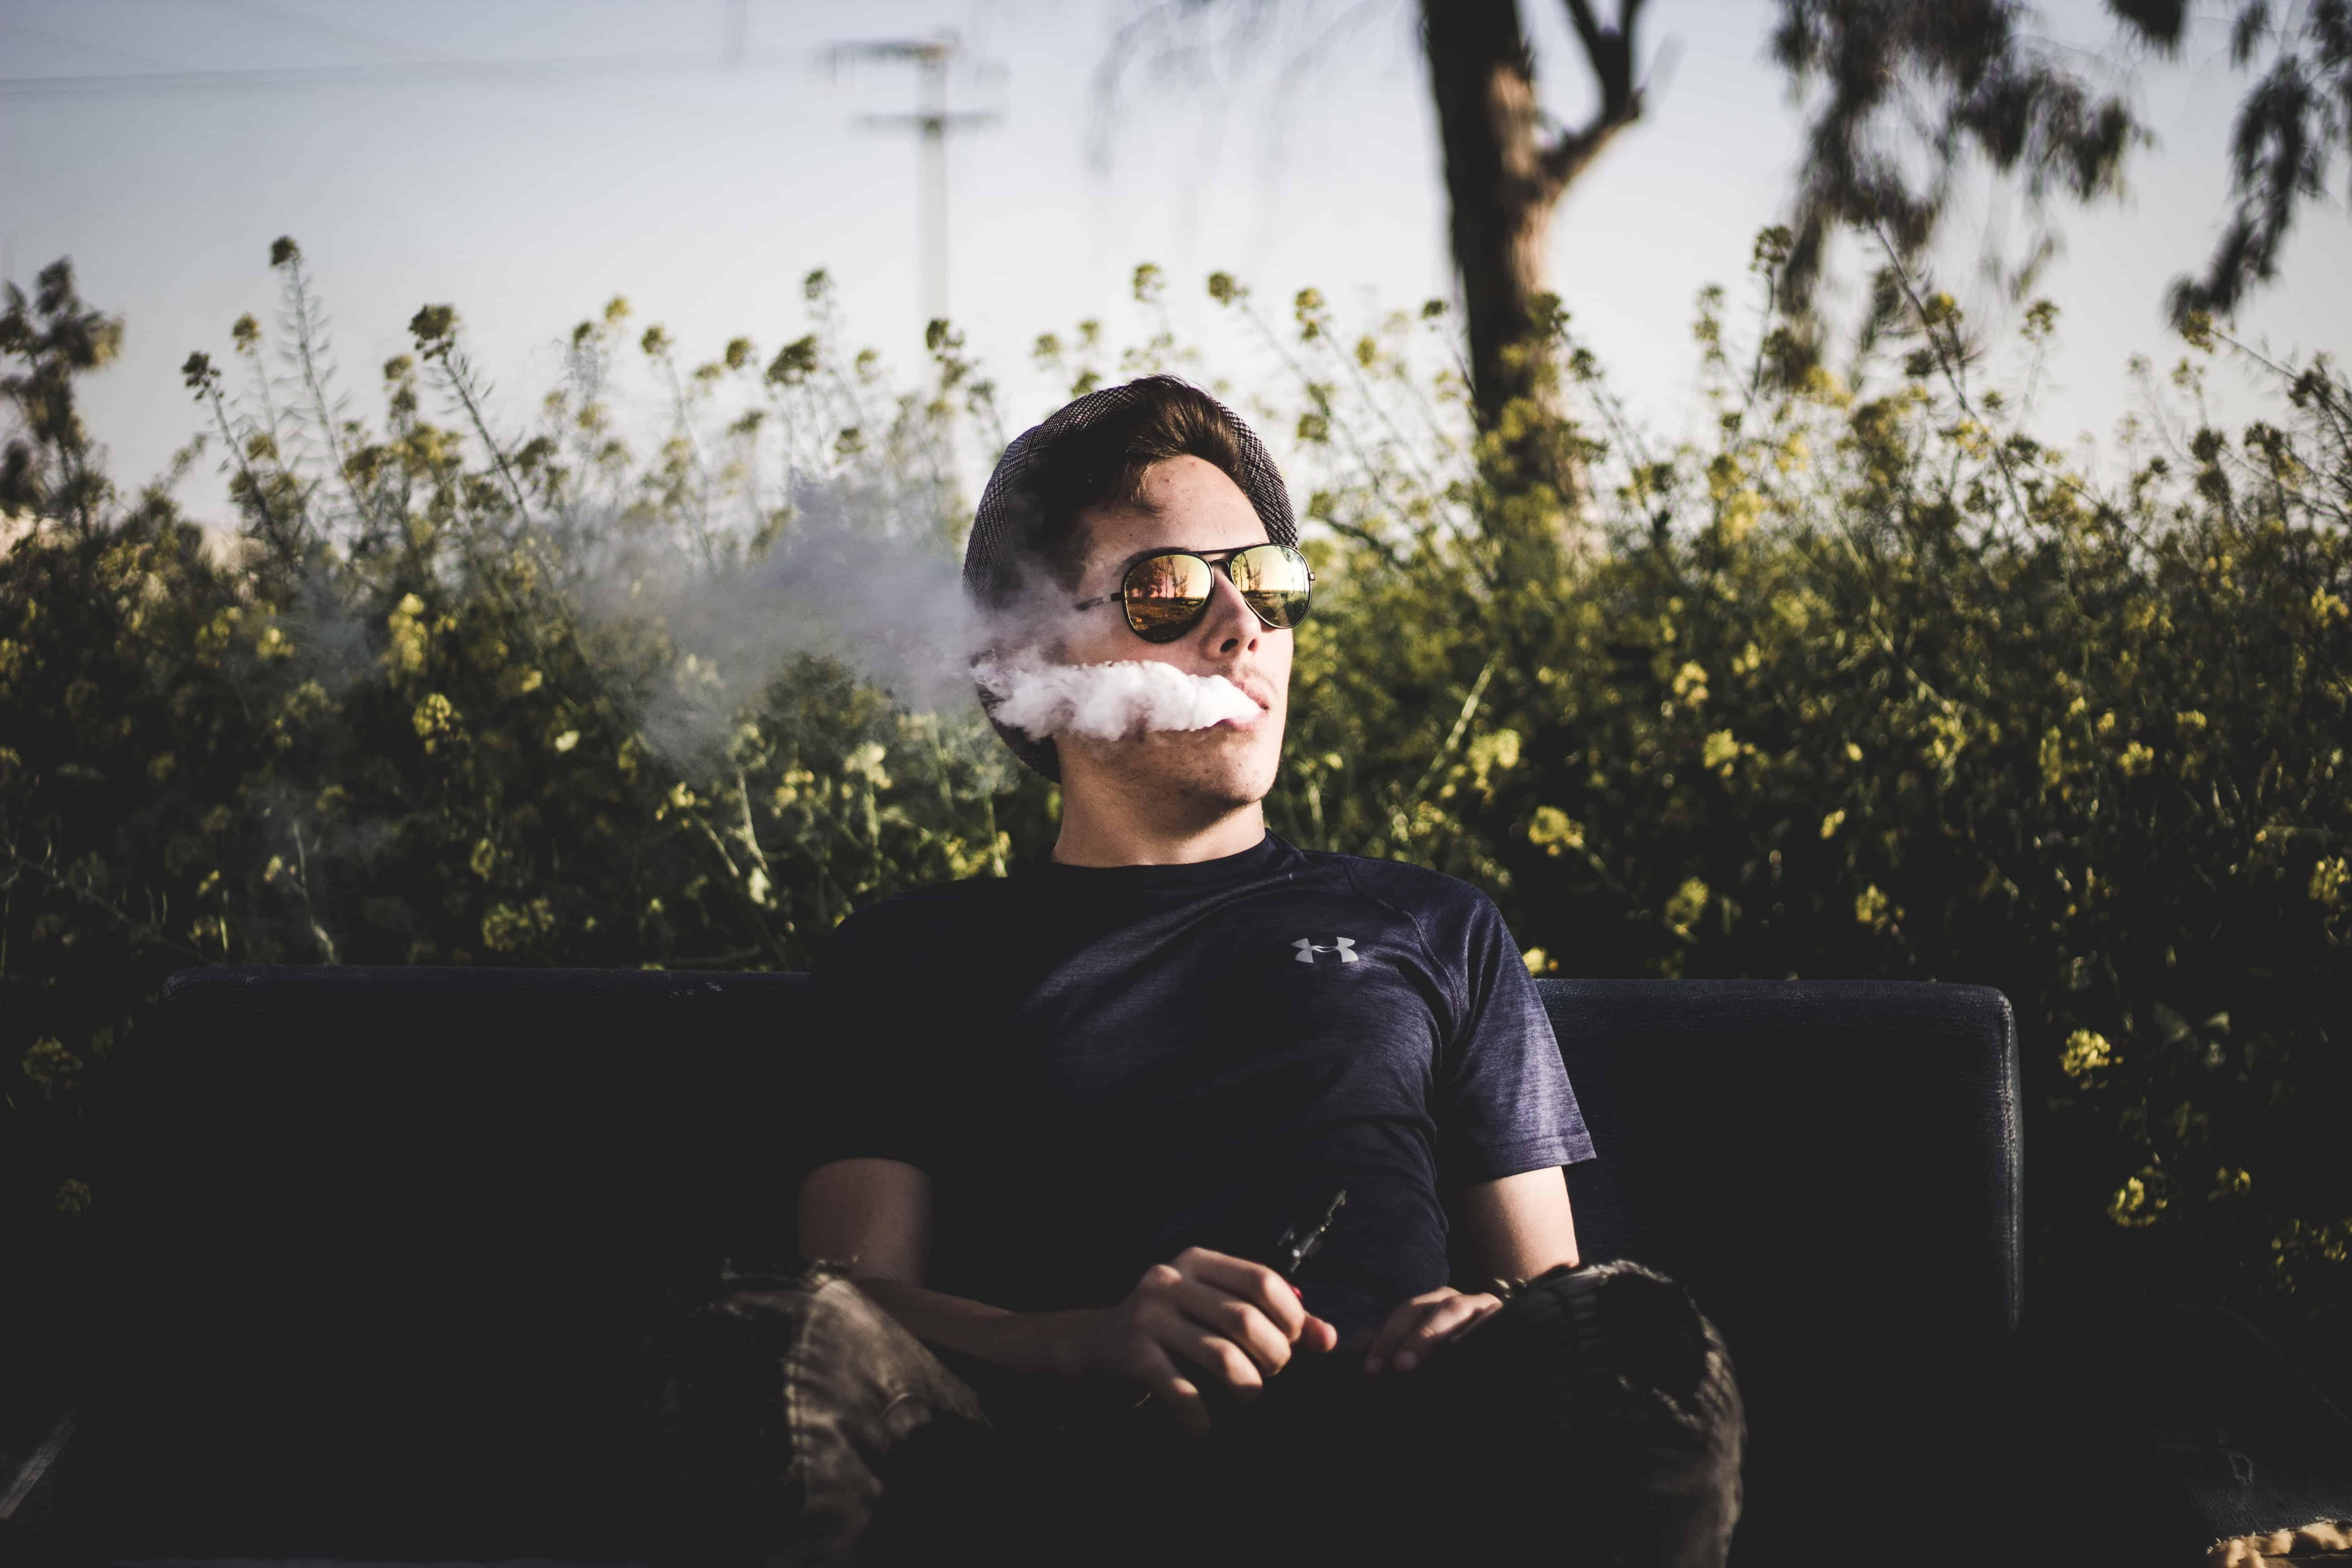 Mann auf Bank raucht